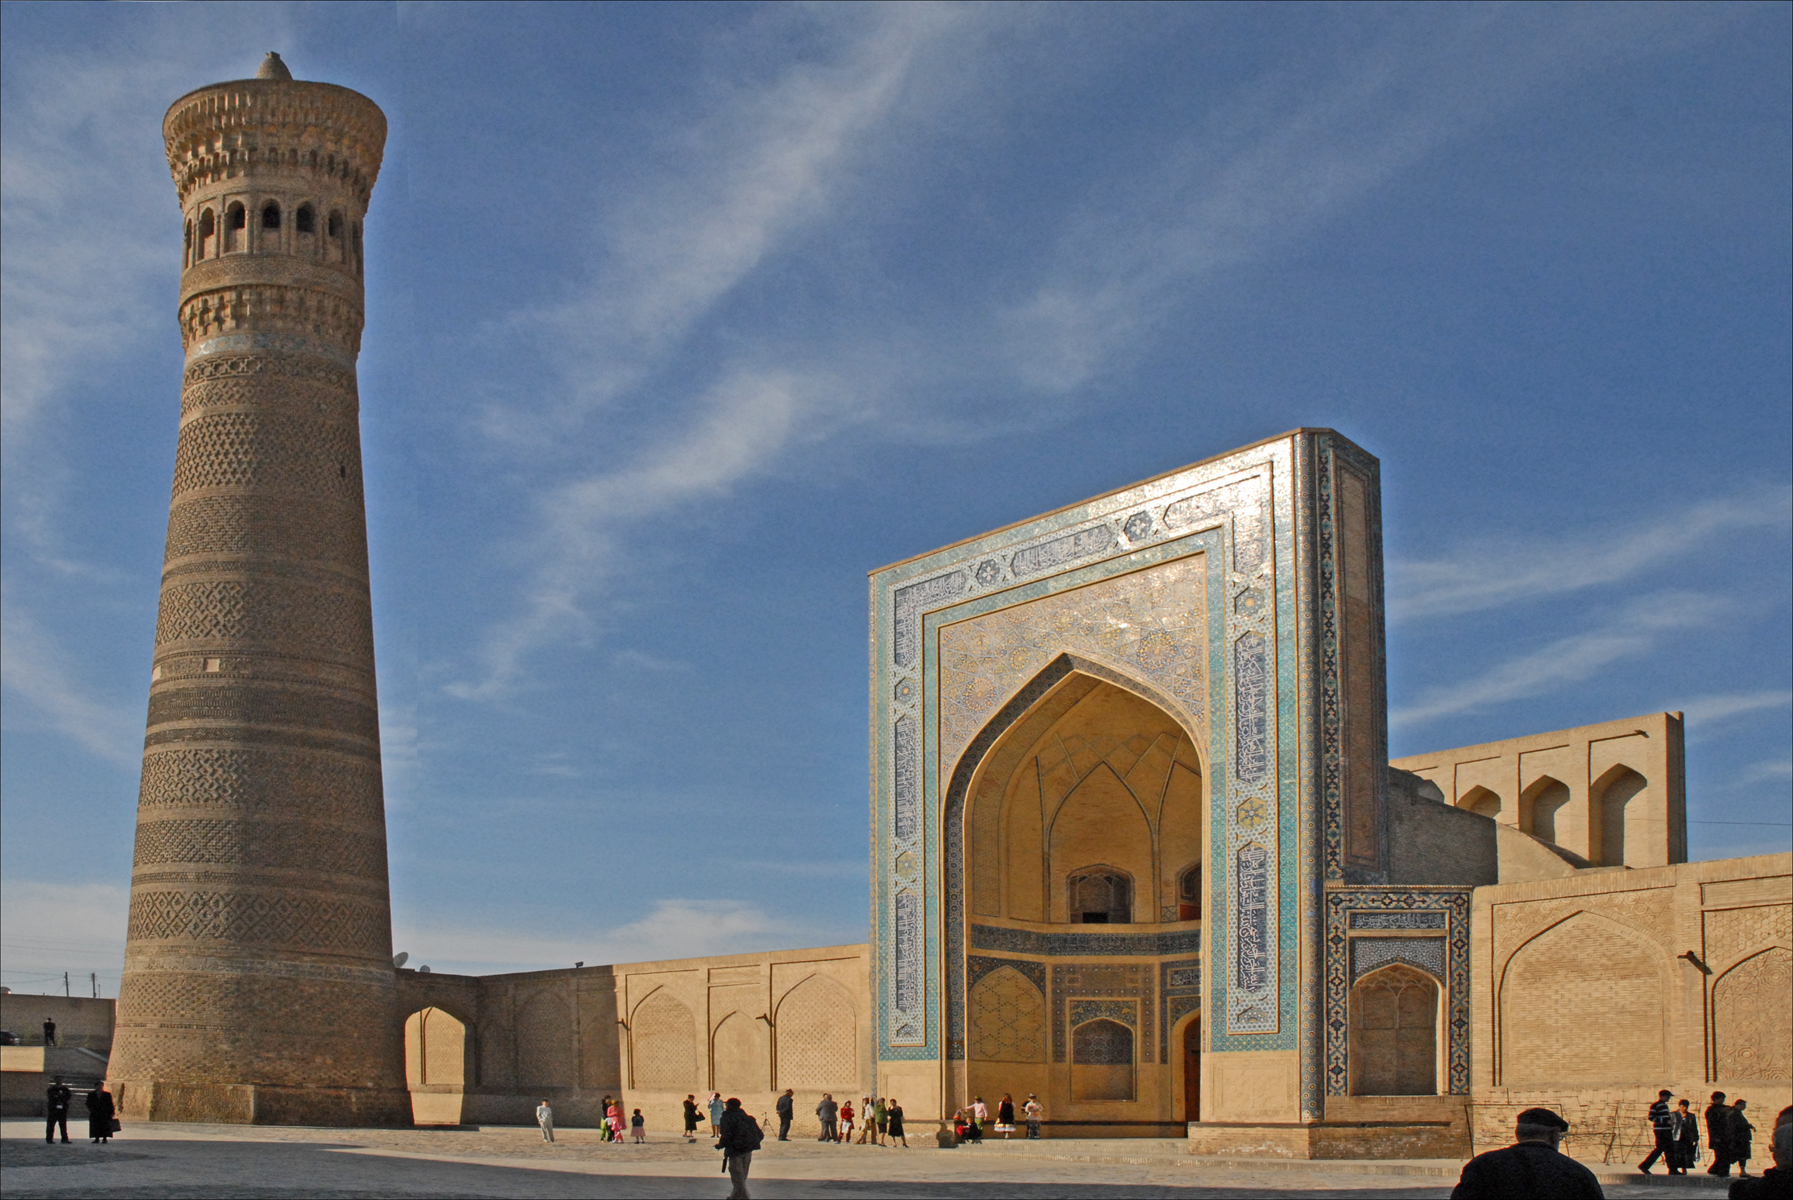 Популярные достопримечательности Бухары (Узбекистан), что ... Минарет Калян